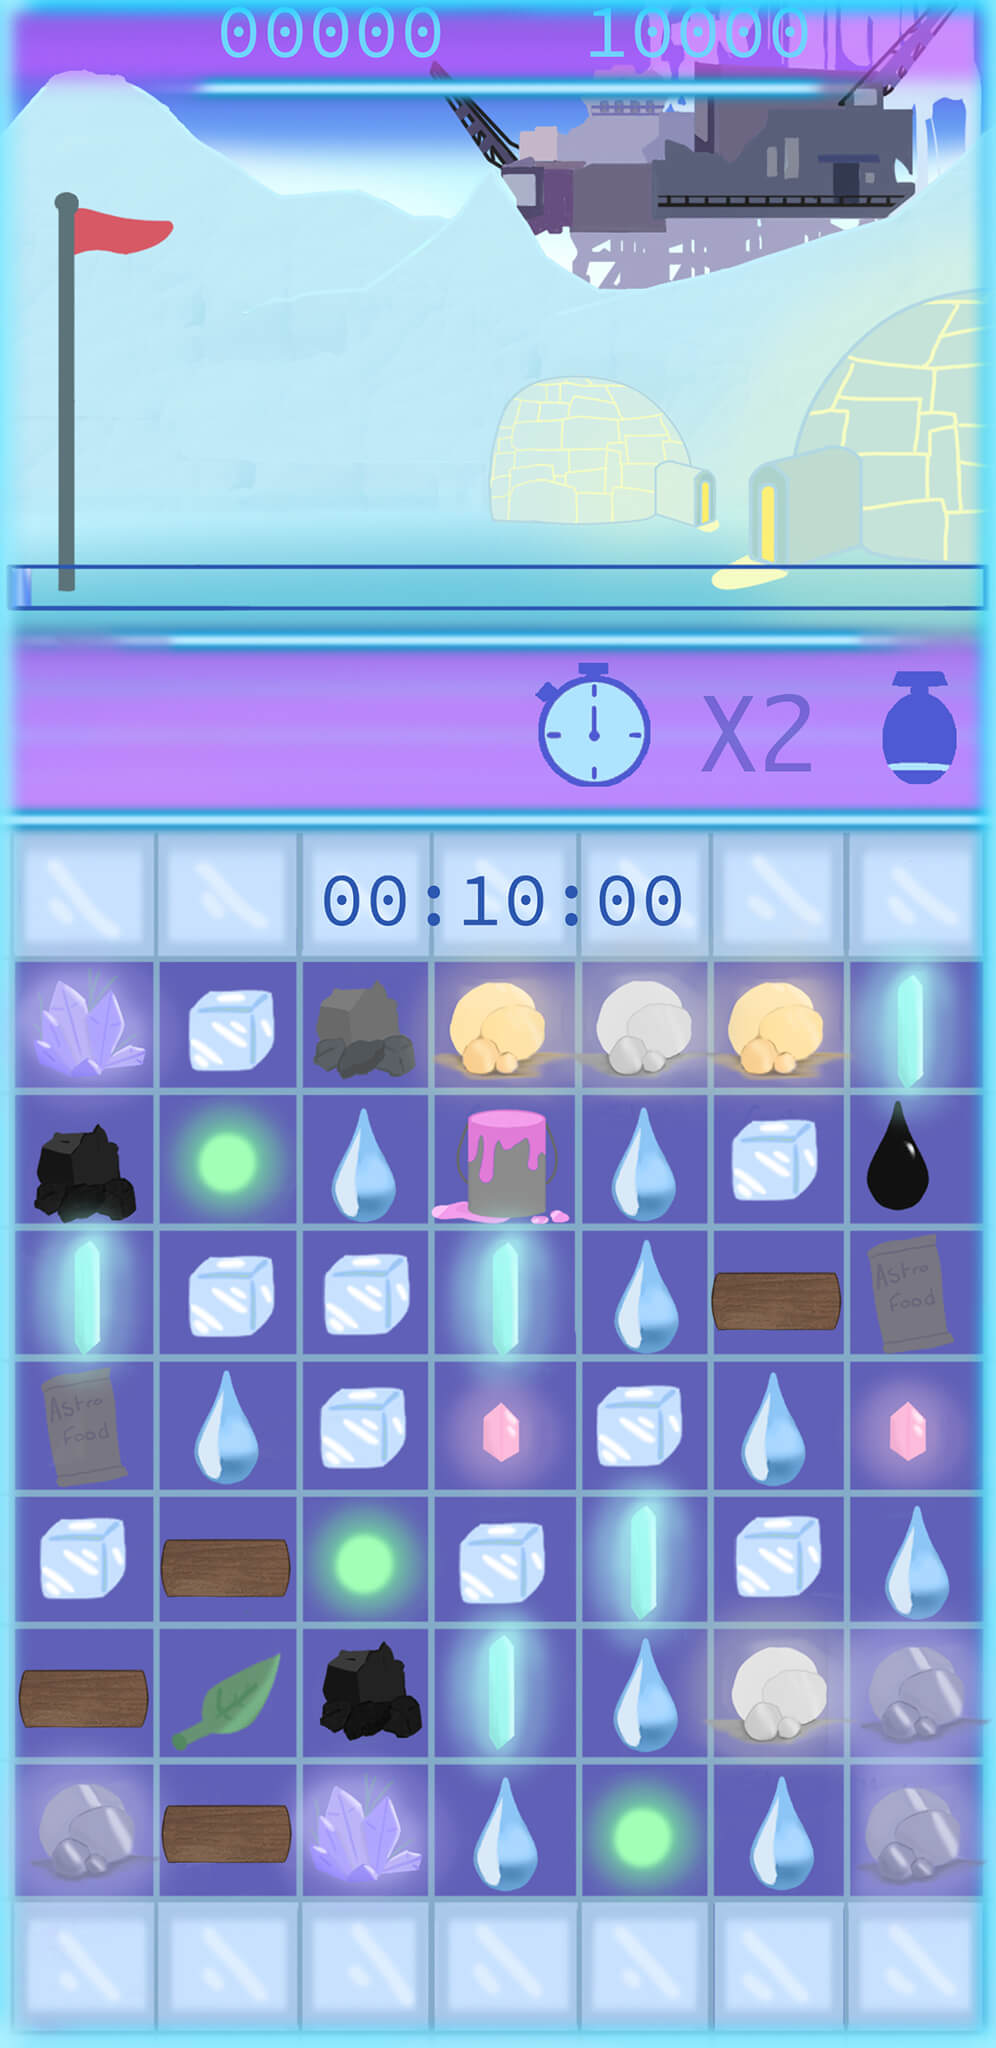 Caitlin_McCann-Game_App_Puzzle_Design